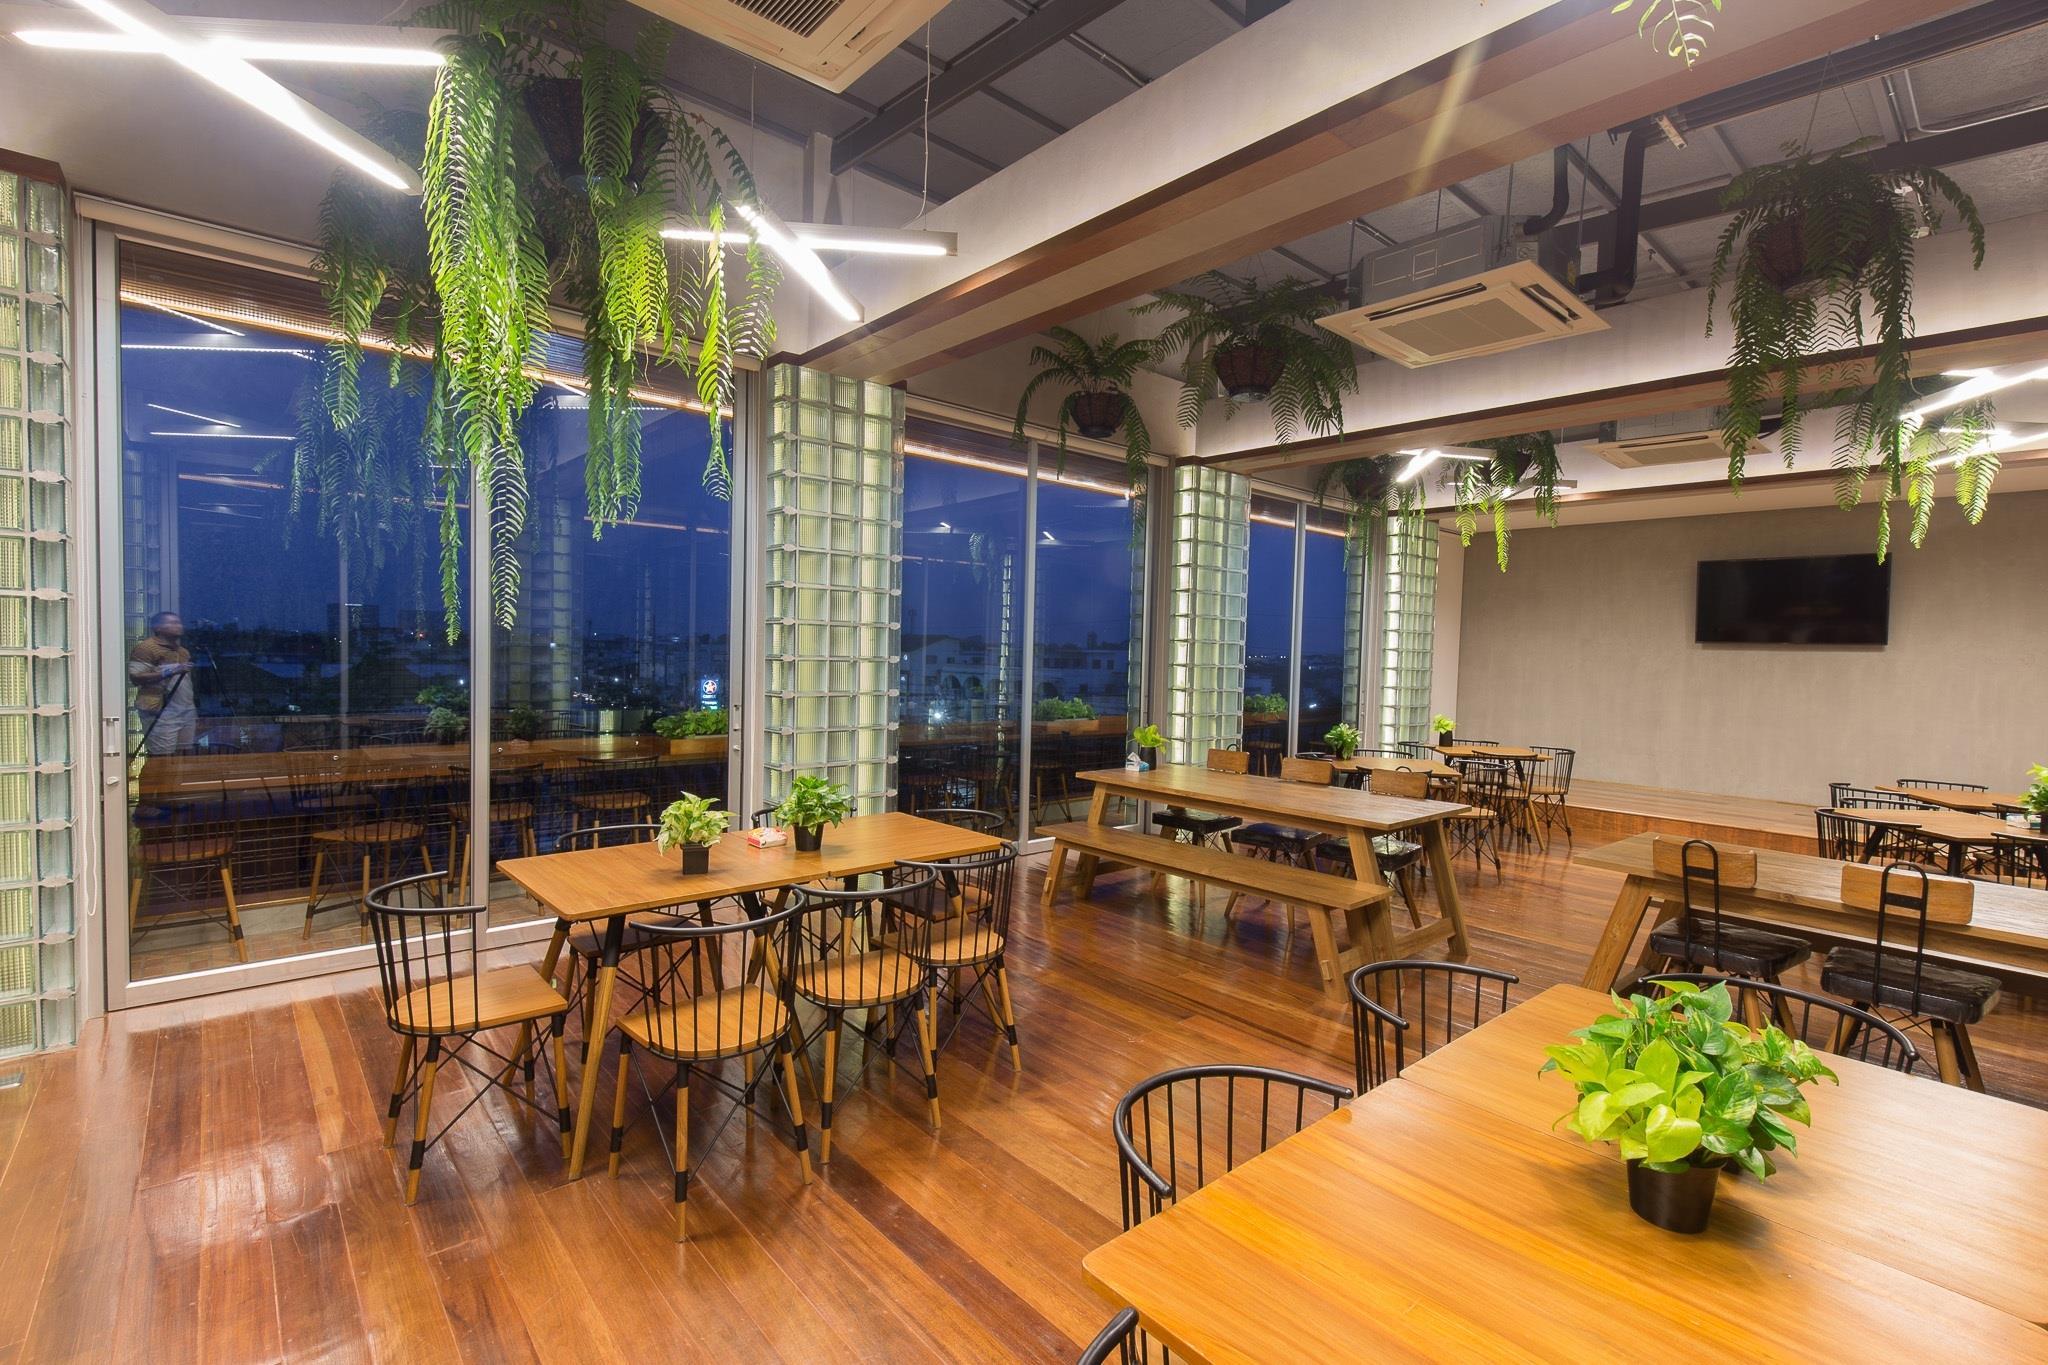 บรรยากาศสวยๆภายในห้องแอร์จาก Rooftopแลคอน,rooftop,นครศรีธรรมราช,โรงแรม,ร้านอาหาร,เด็ด,สวย,วิวหลักล้าน